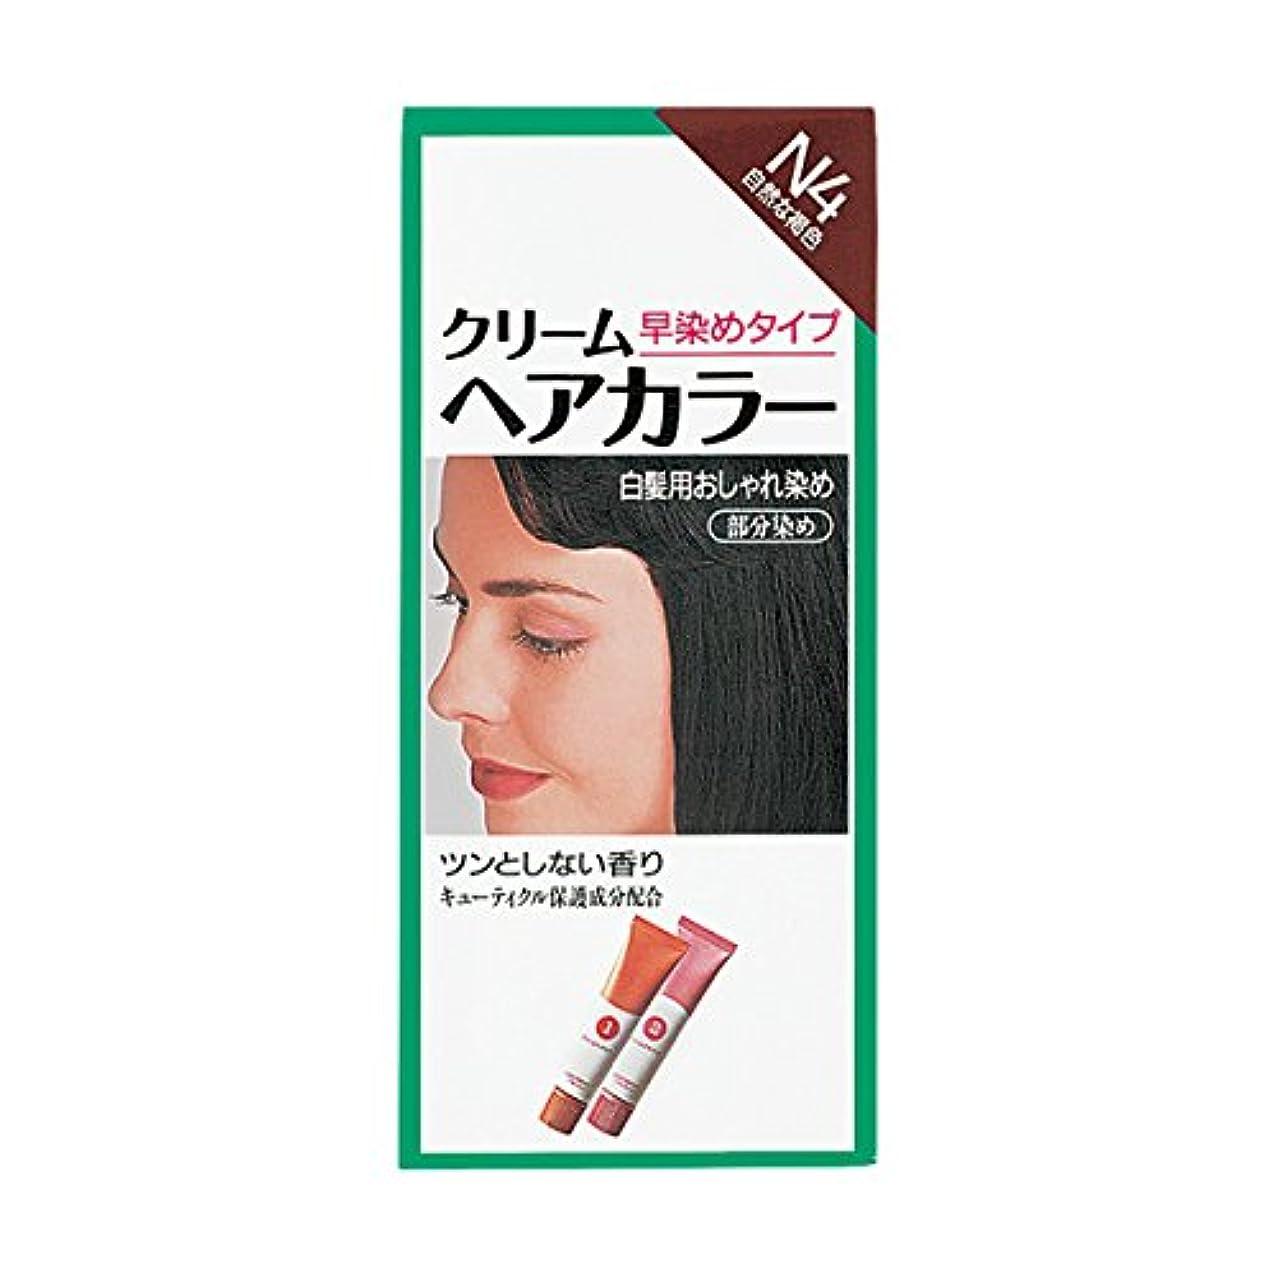 包括的ディスク暗くするヘアカラー クリームヘアカラーN N4 【医薬部外品】